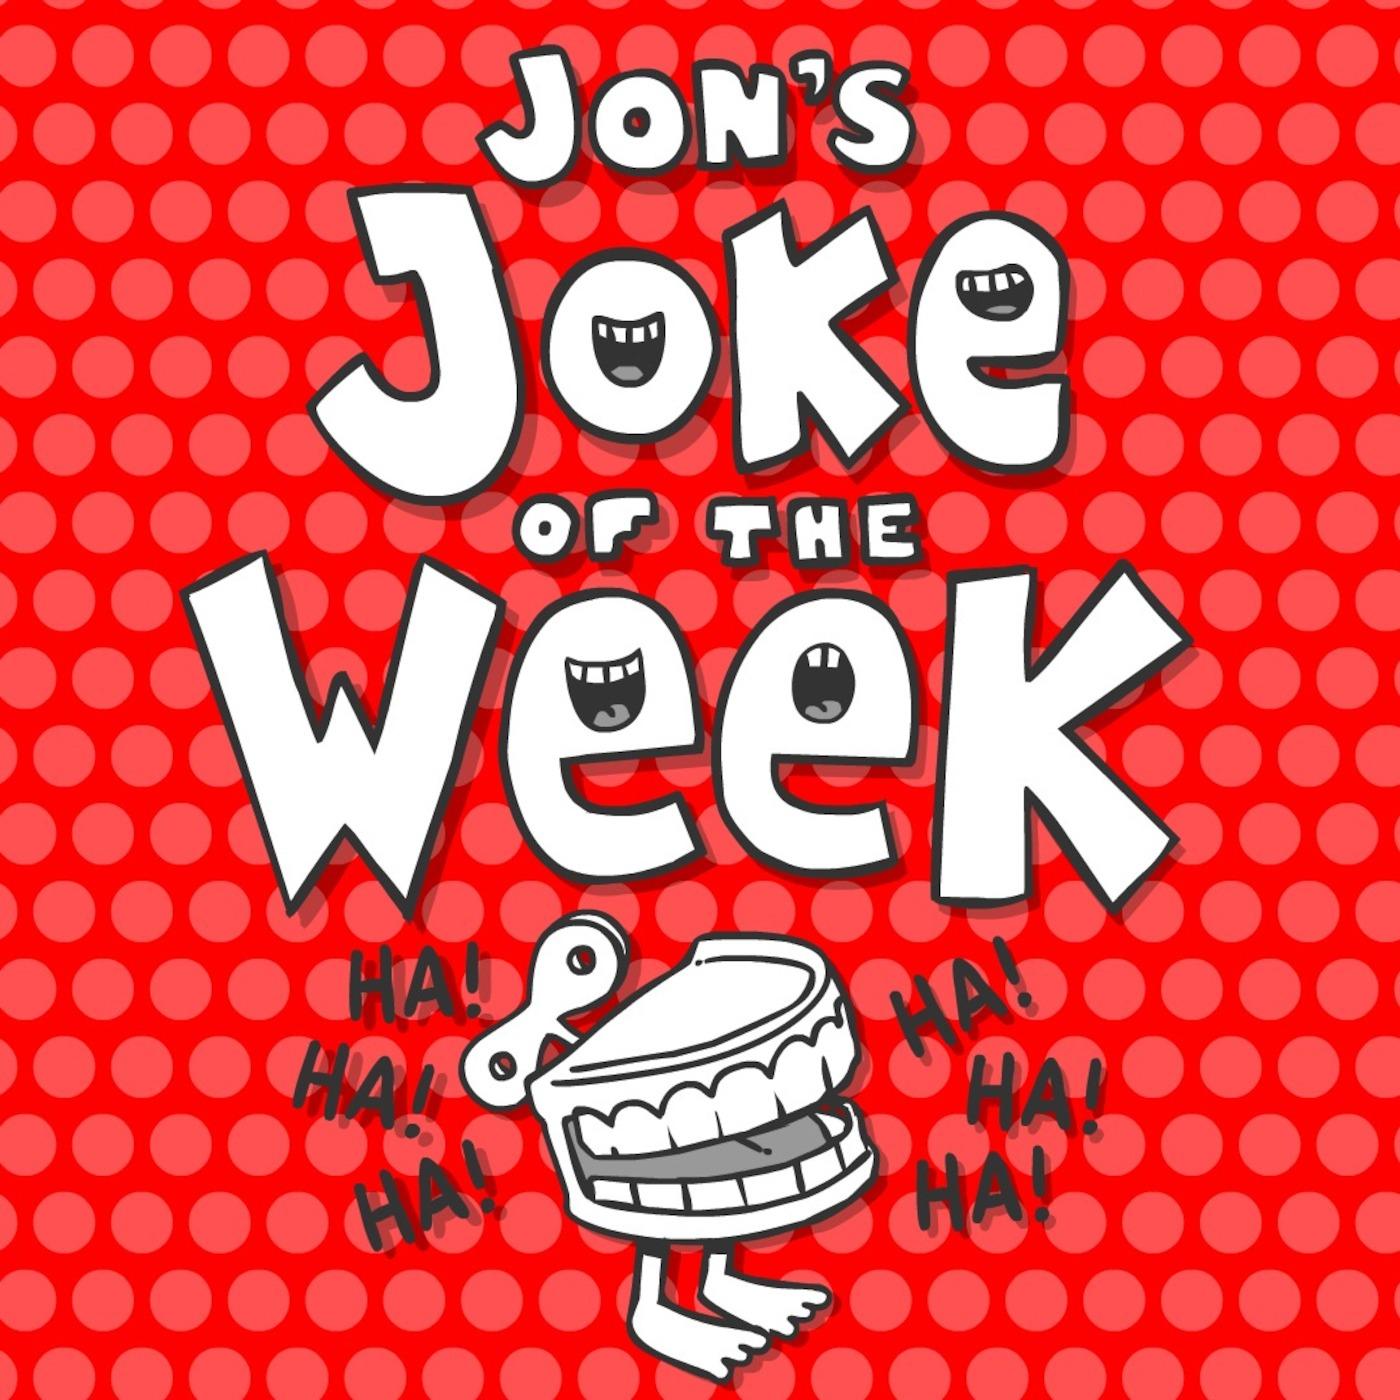 Jon's Joke of the Week